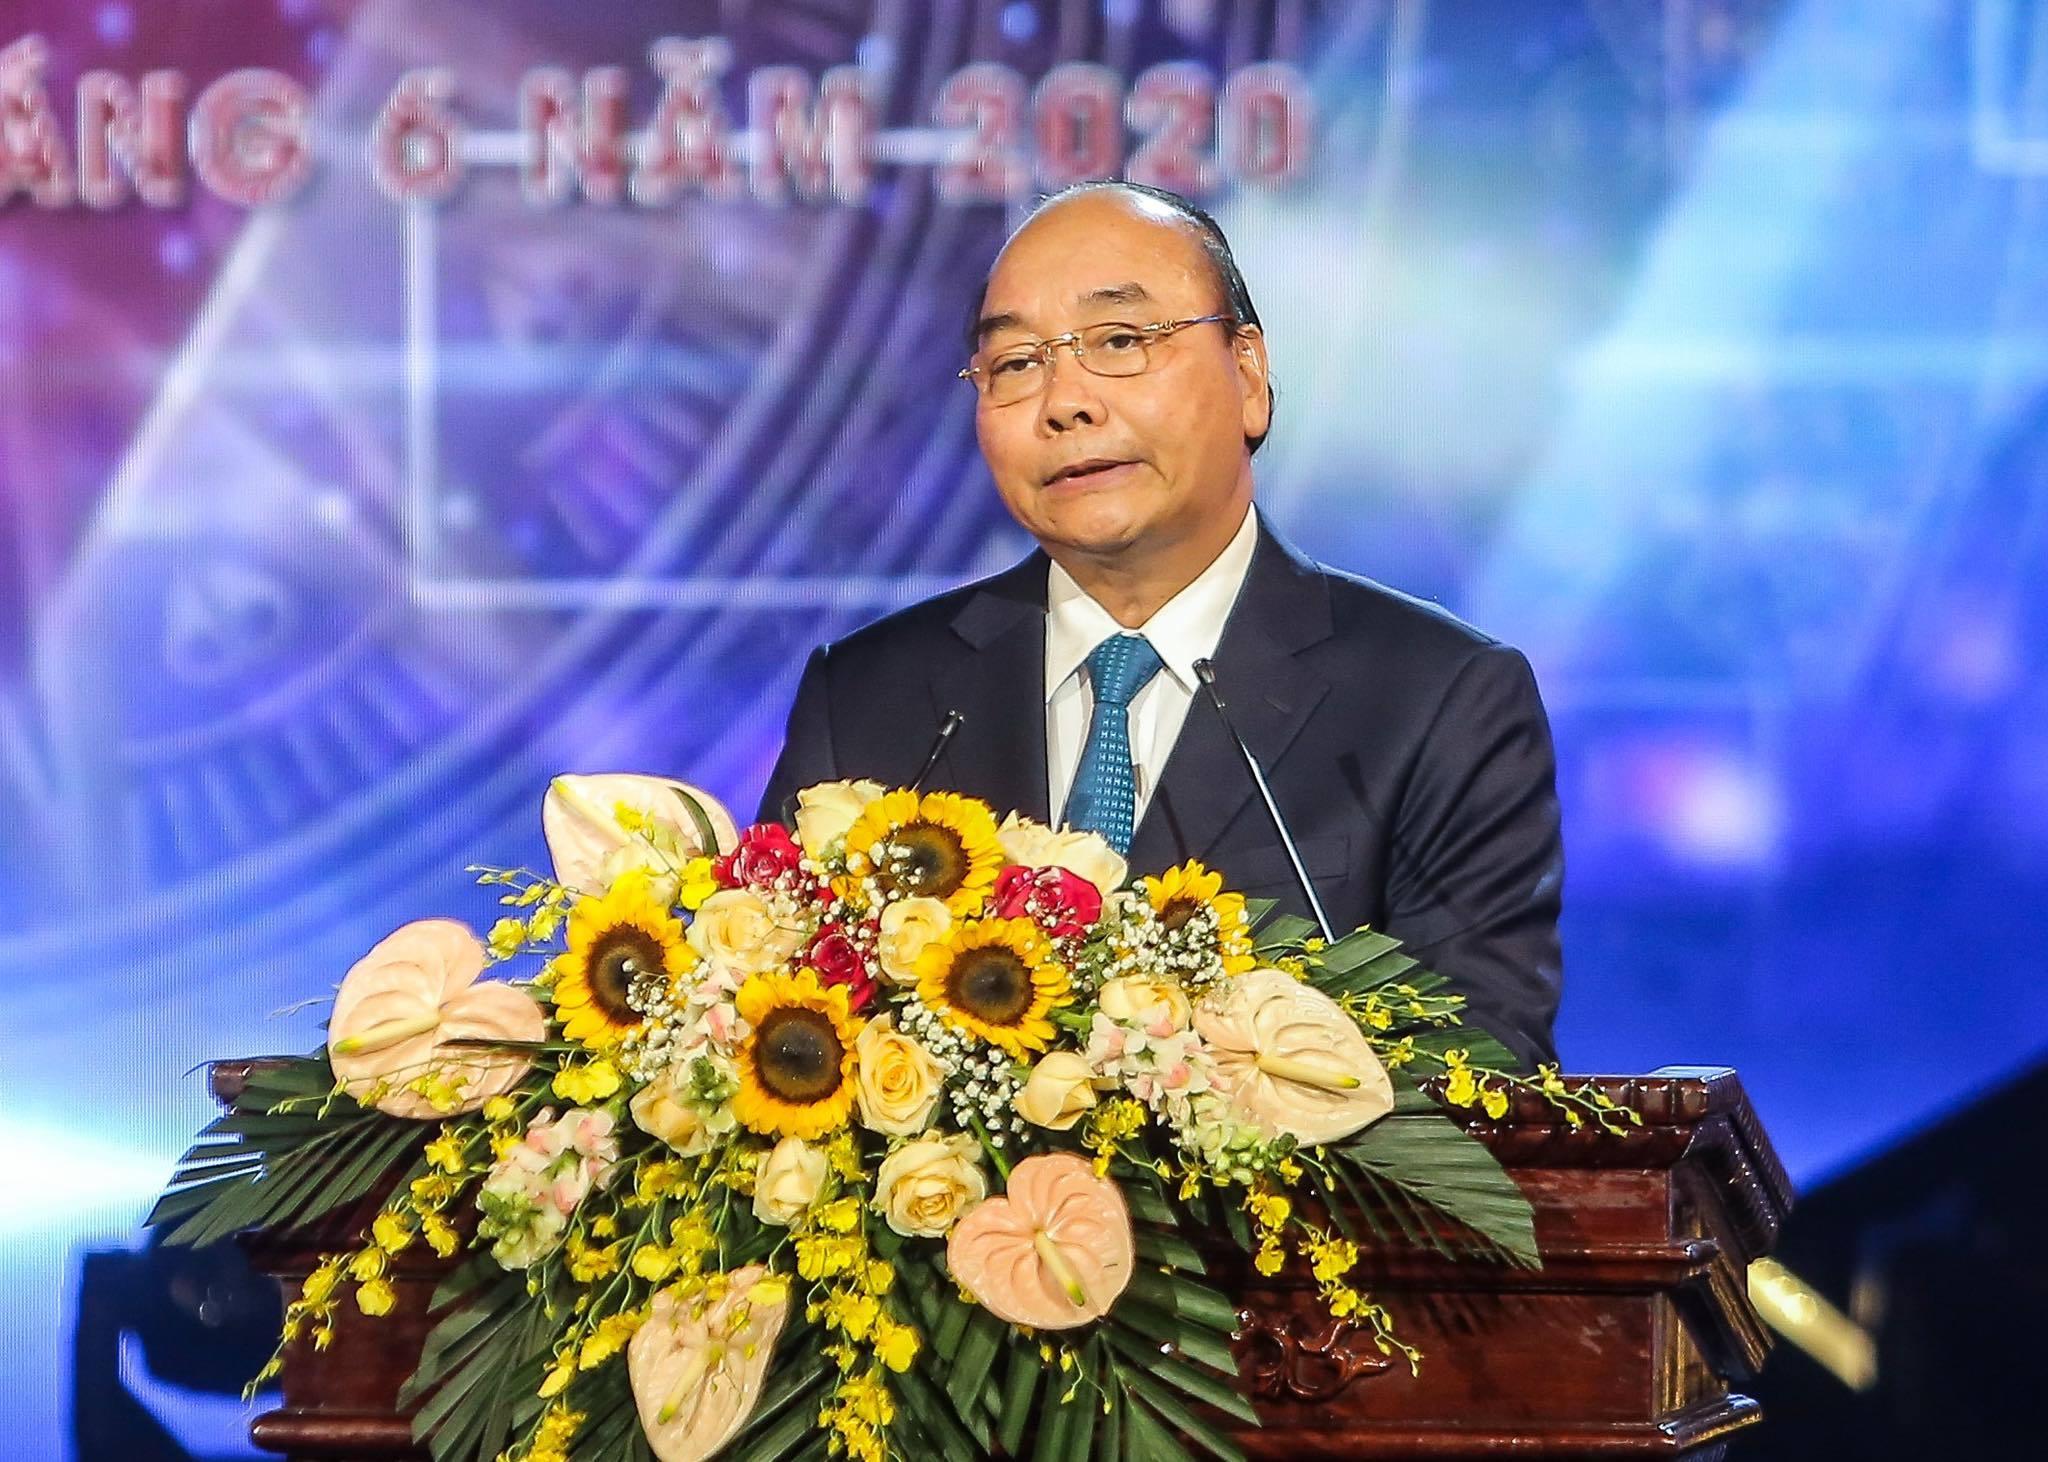 Thủ tướng: Báo chí tạo sự đồng thuận, khát vọng Việt Nam hùng cường